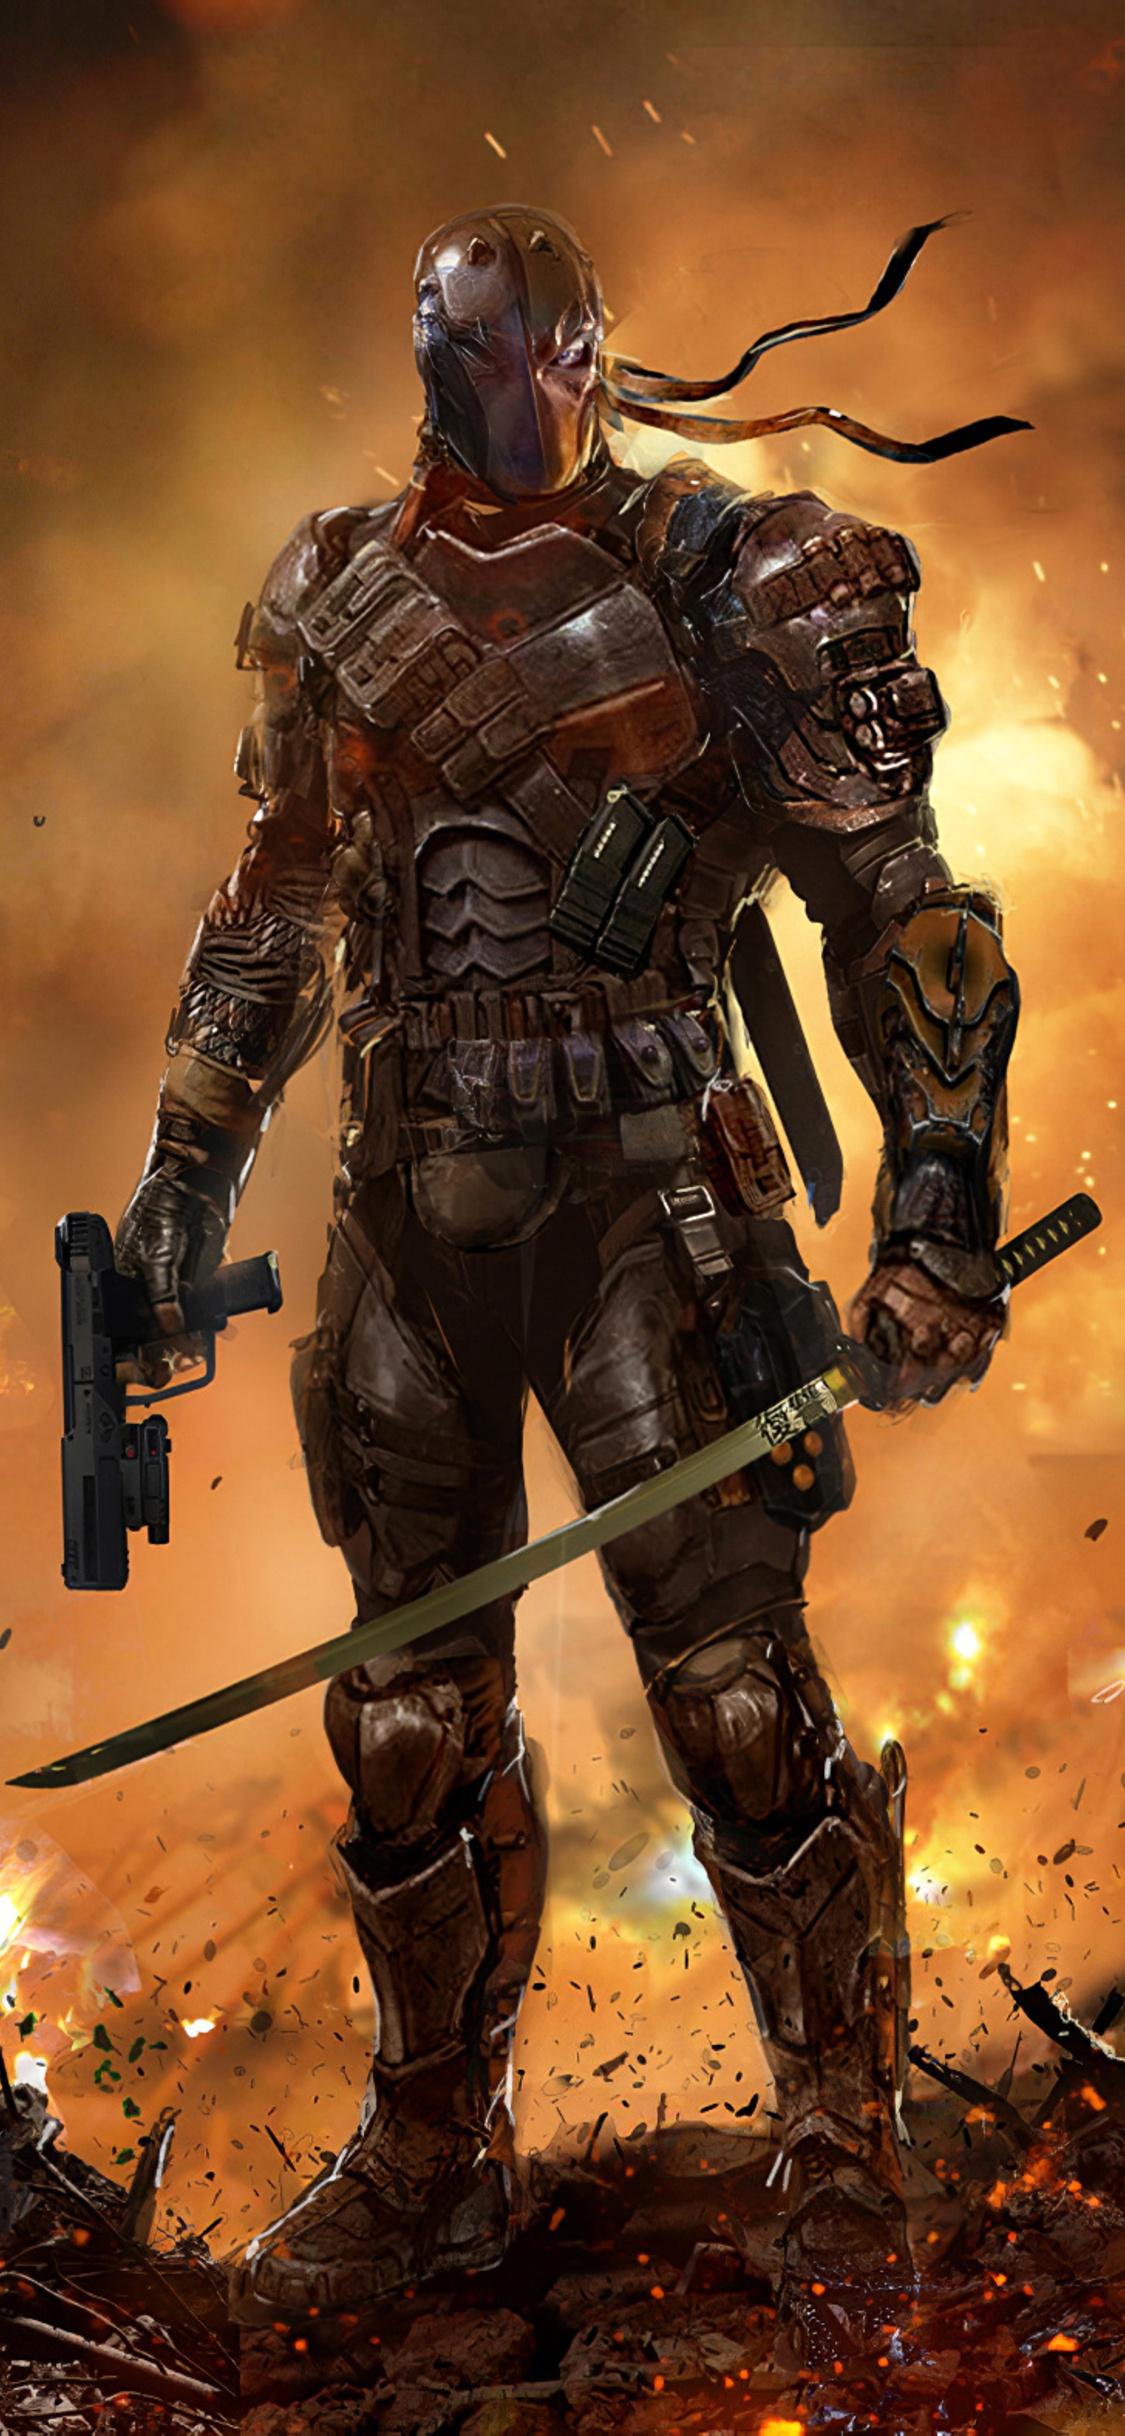 deathstroke-gun-and-sword-59.jpg